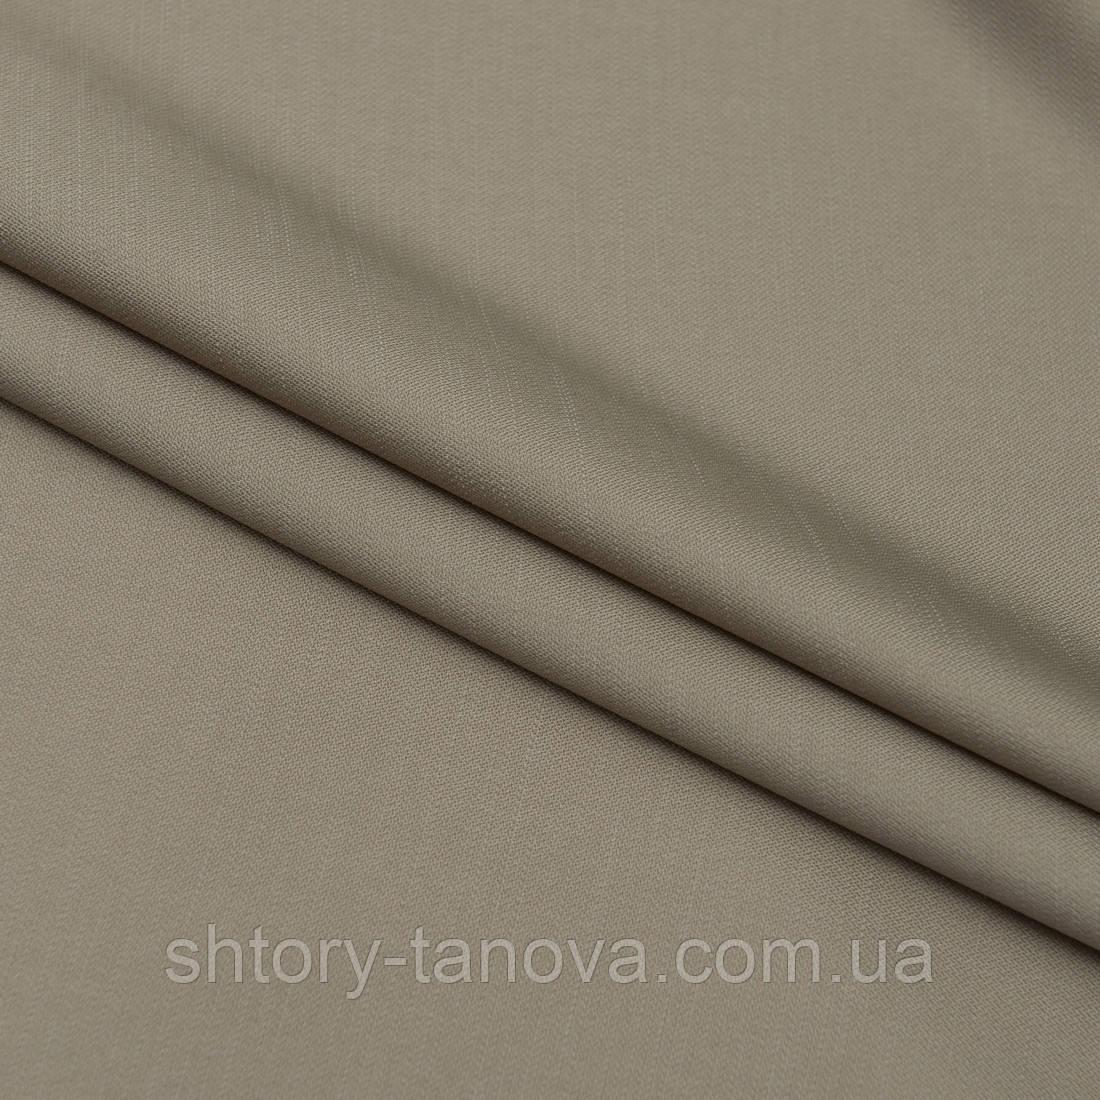 Портьерная ткань с утяжелителем тафта т.беж